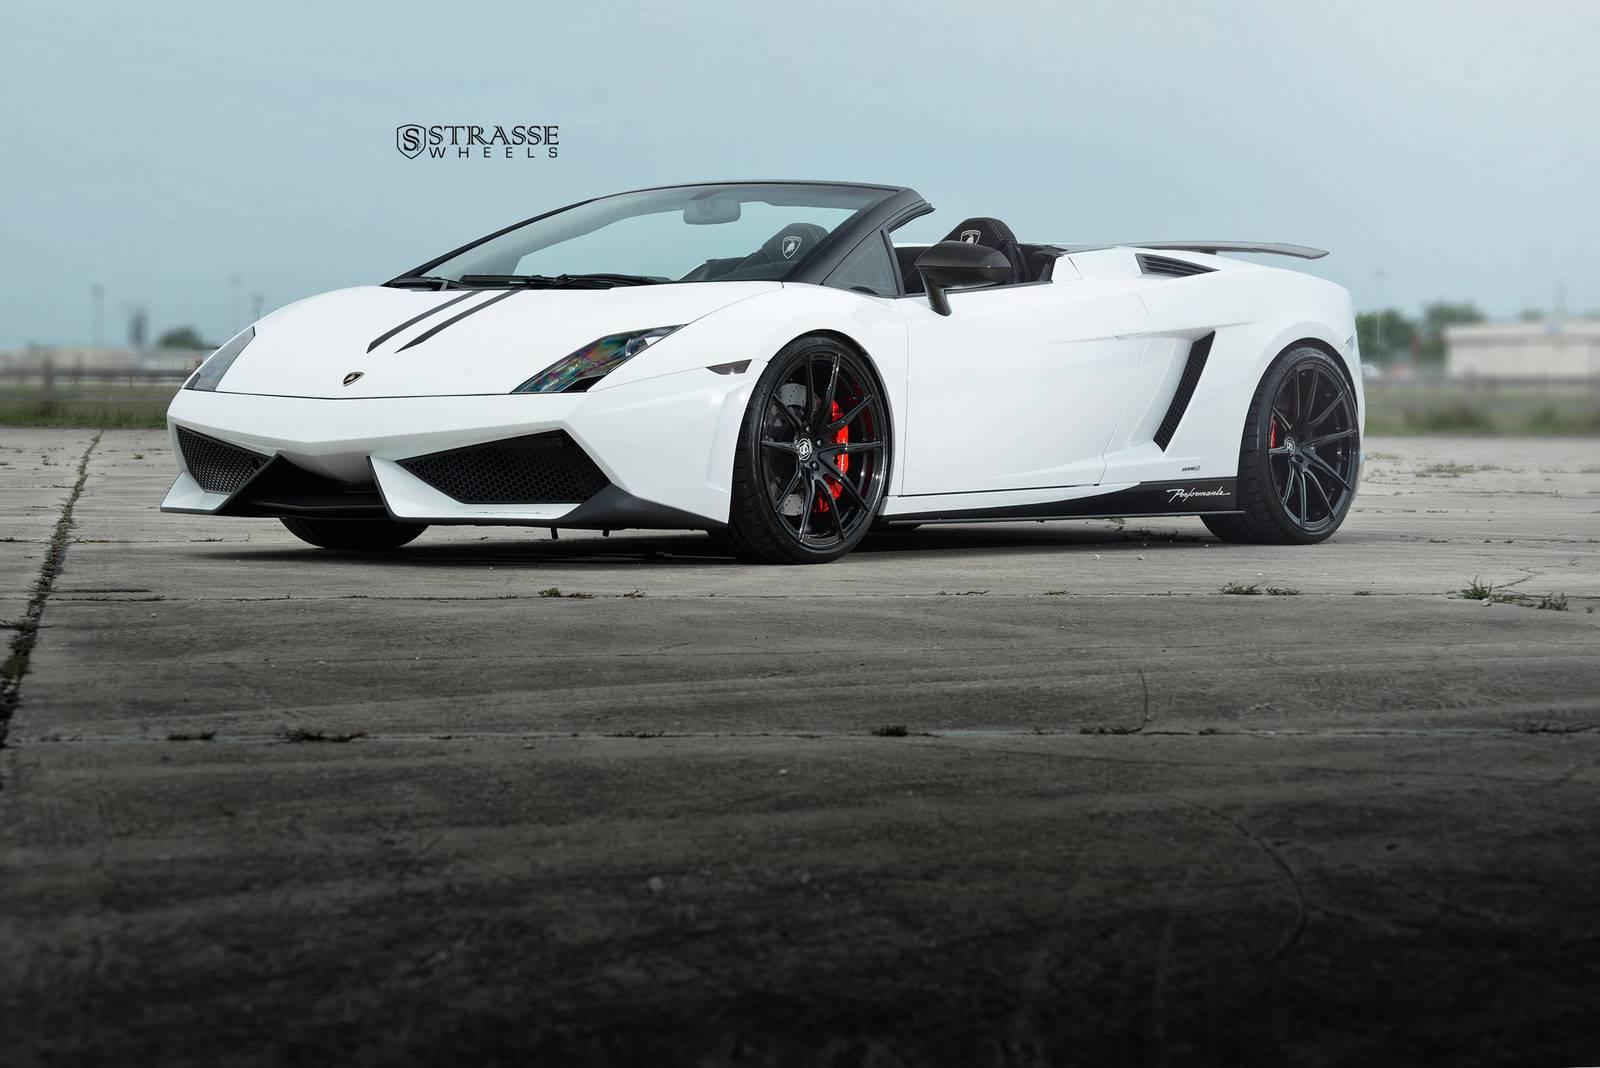 Lamborghini Veneno For Sale >> Lamborghini Gallardo Spyder Performante With Strasse ...